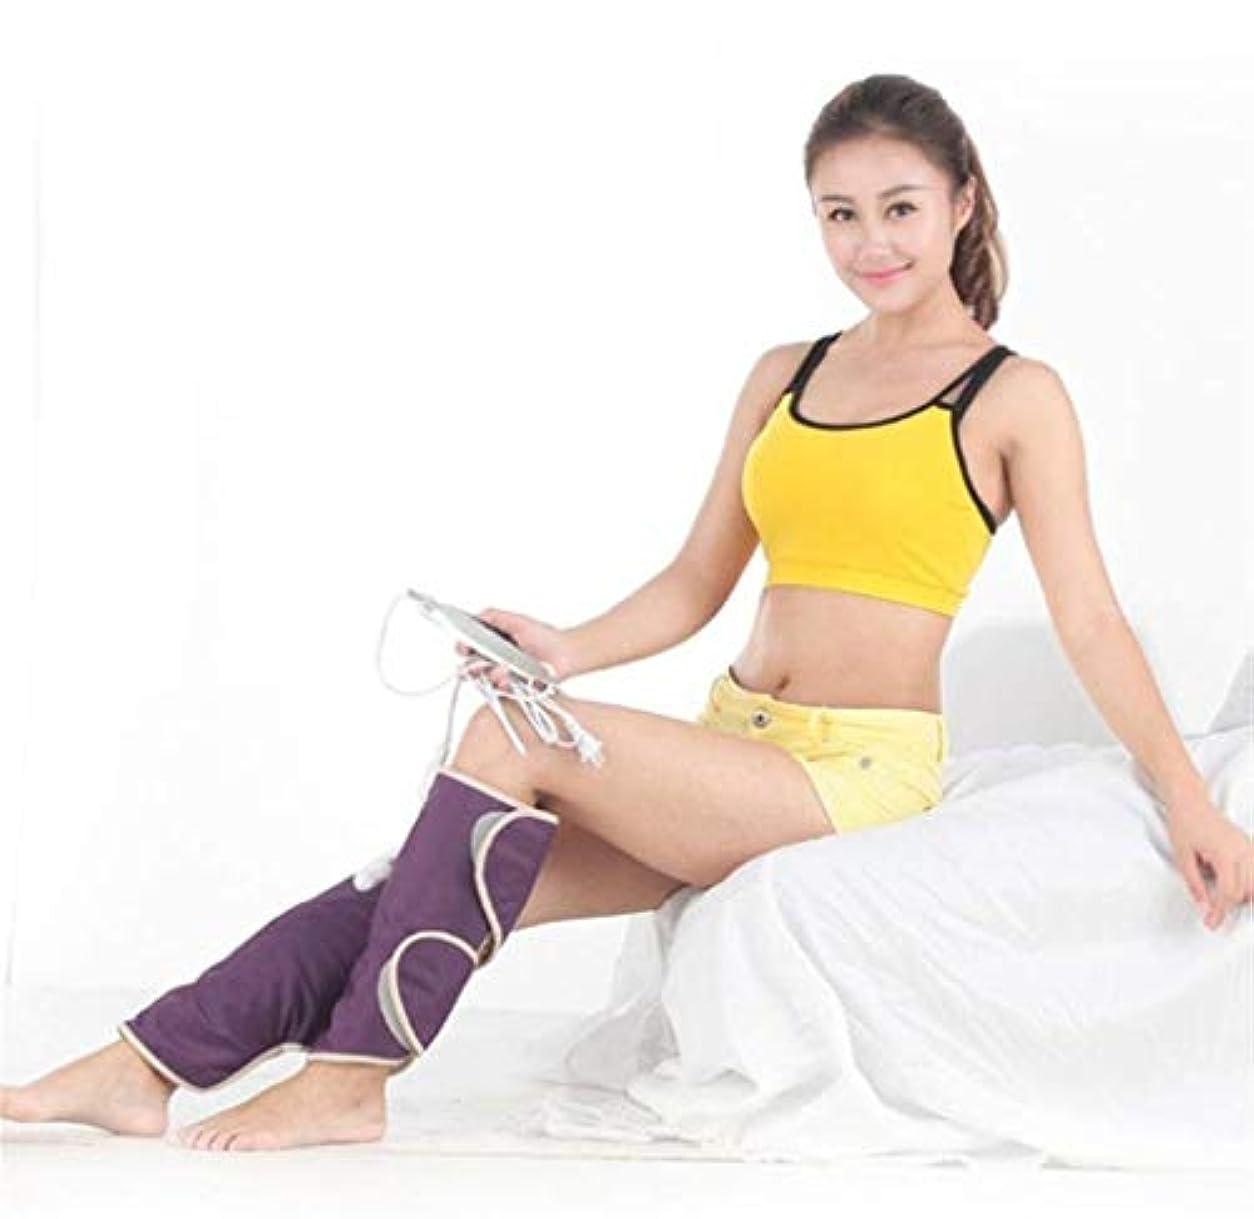 アスリート共和国無傷電気マッサージ器、遠赤外線電気膝パッド、3つの振動モード、理学療法装置、血液循環の促進、筋肉の弛緩